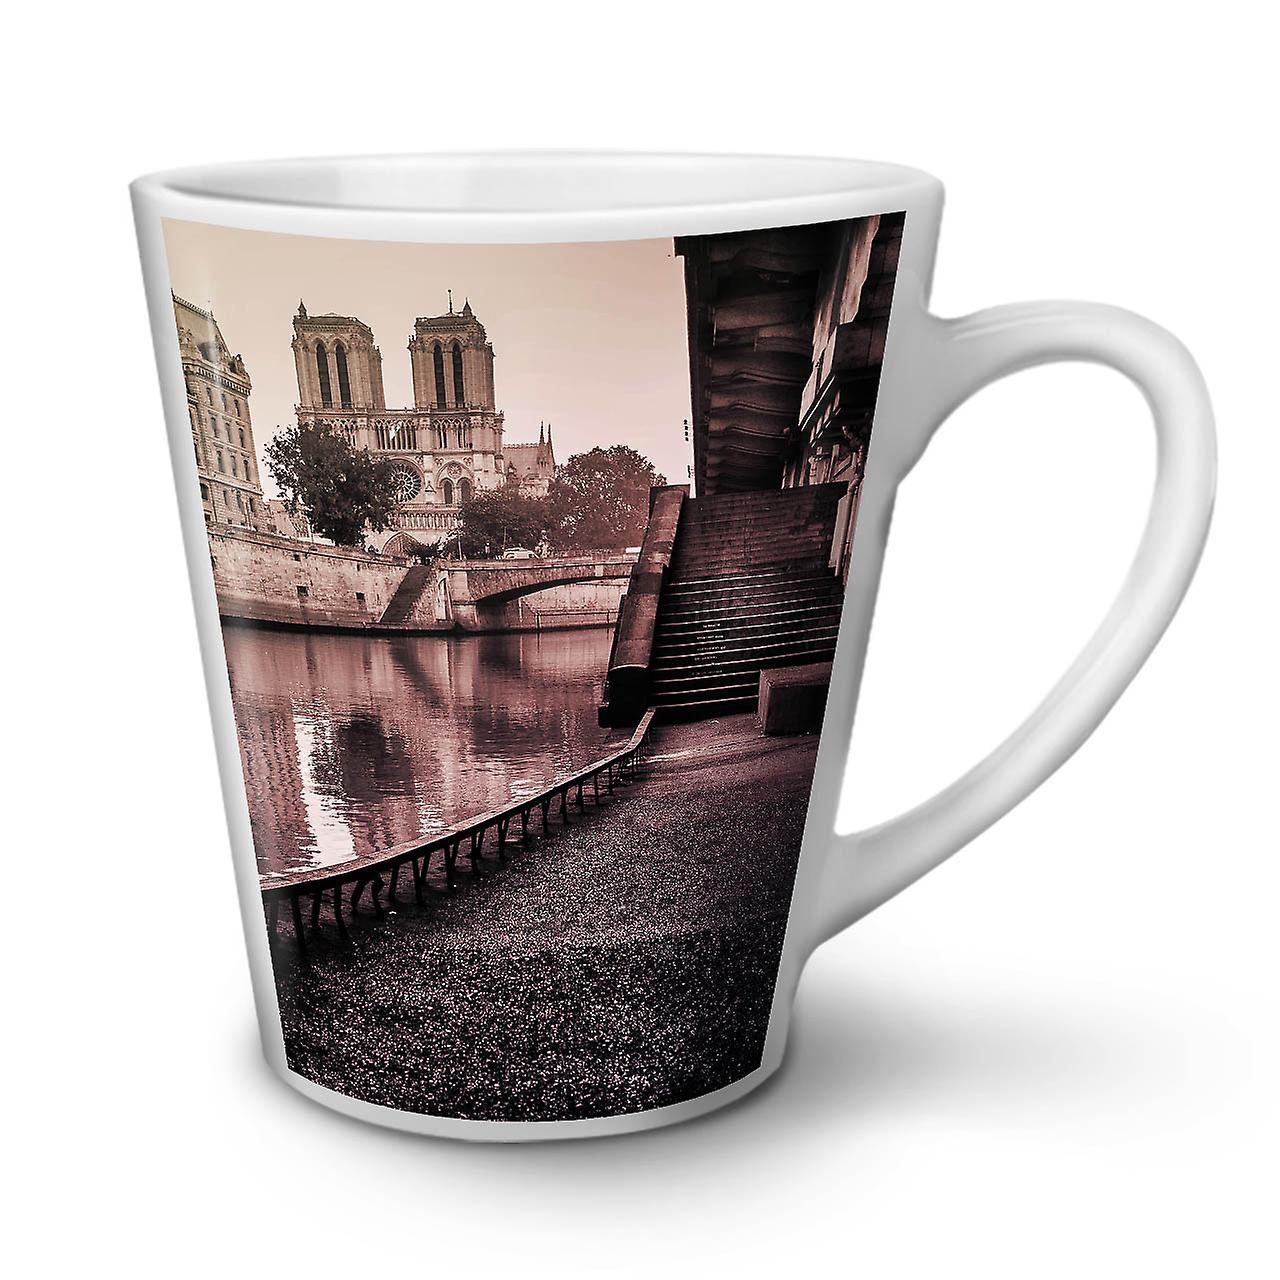 Blanc Céramique Vintage Nouveau Café OzWellcoda Pont 12 Mug En Thé Latte Kc31FJlT